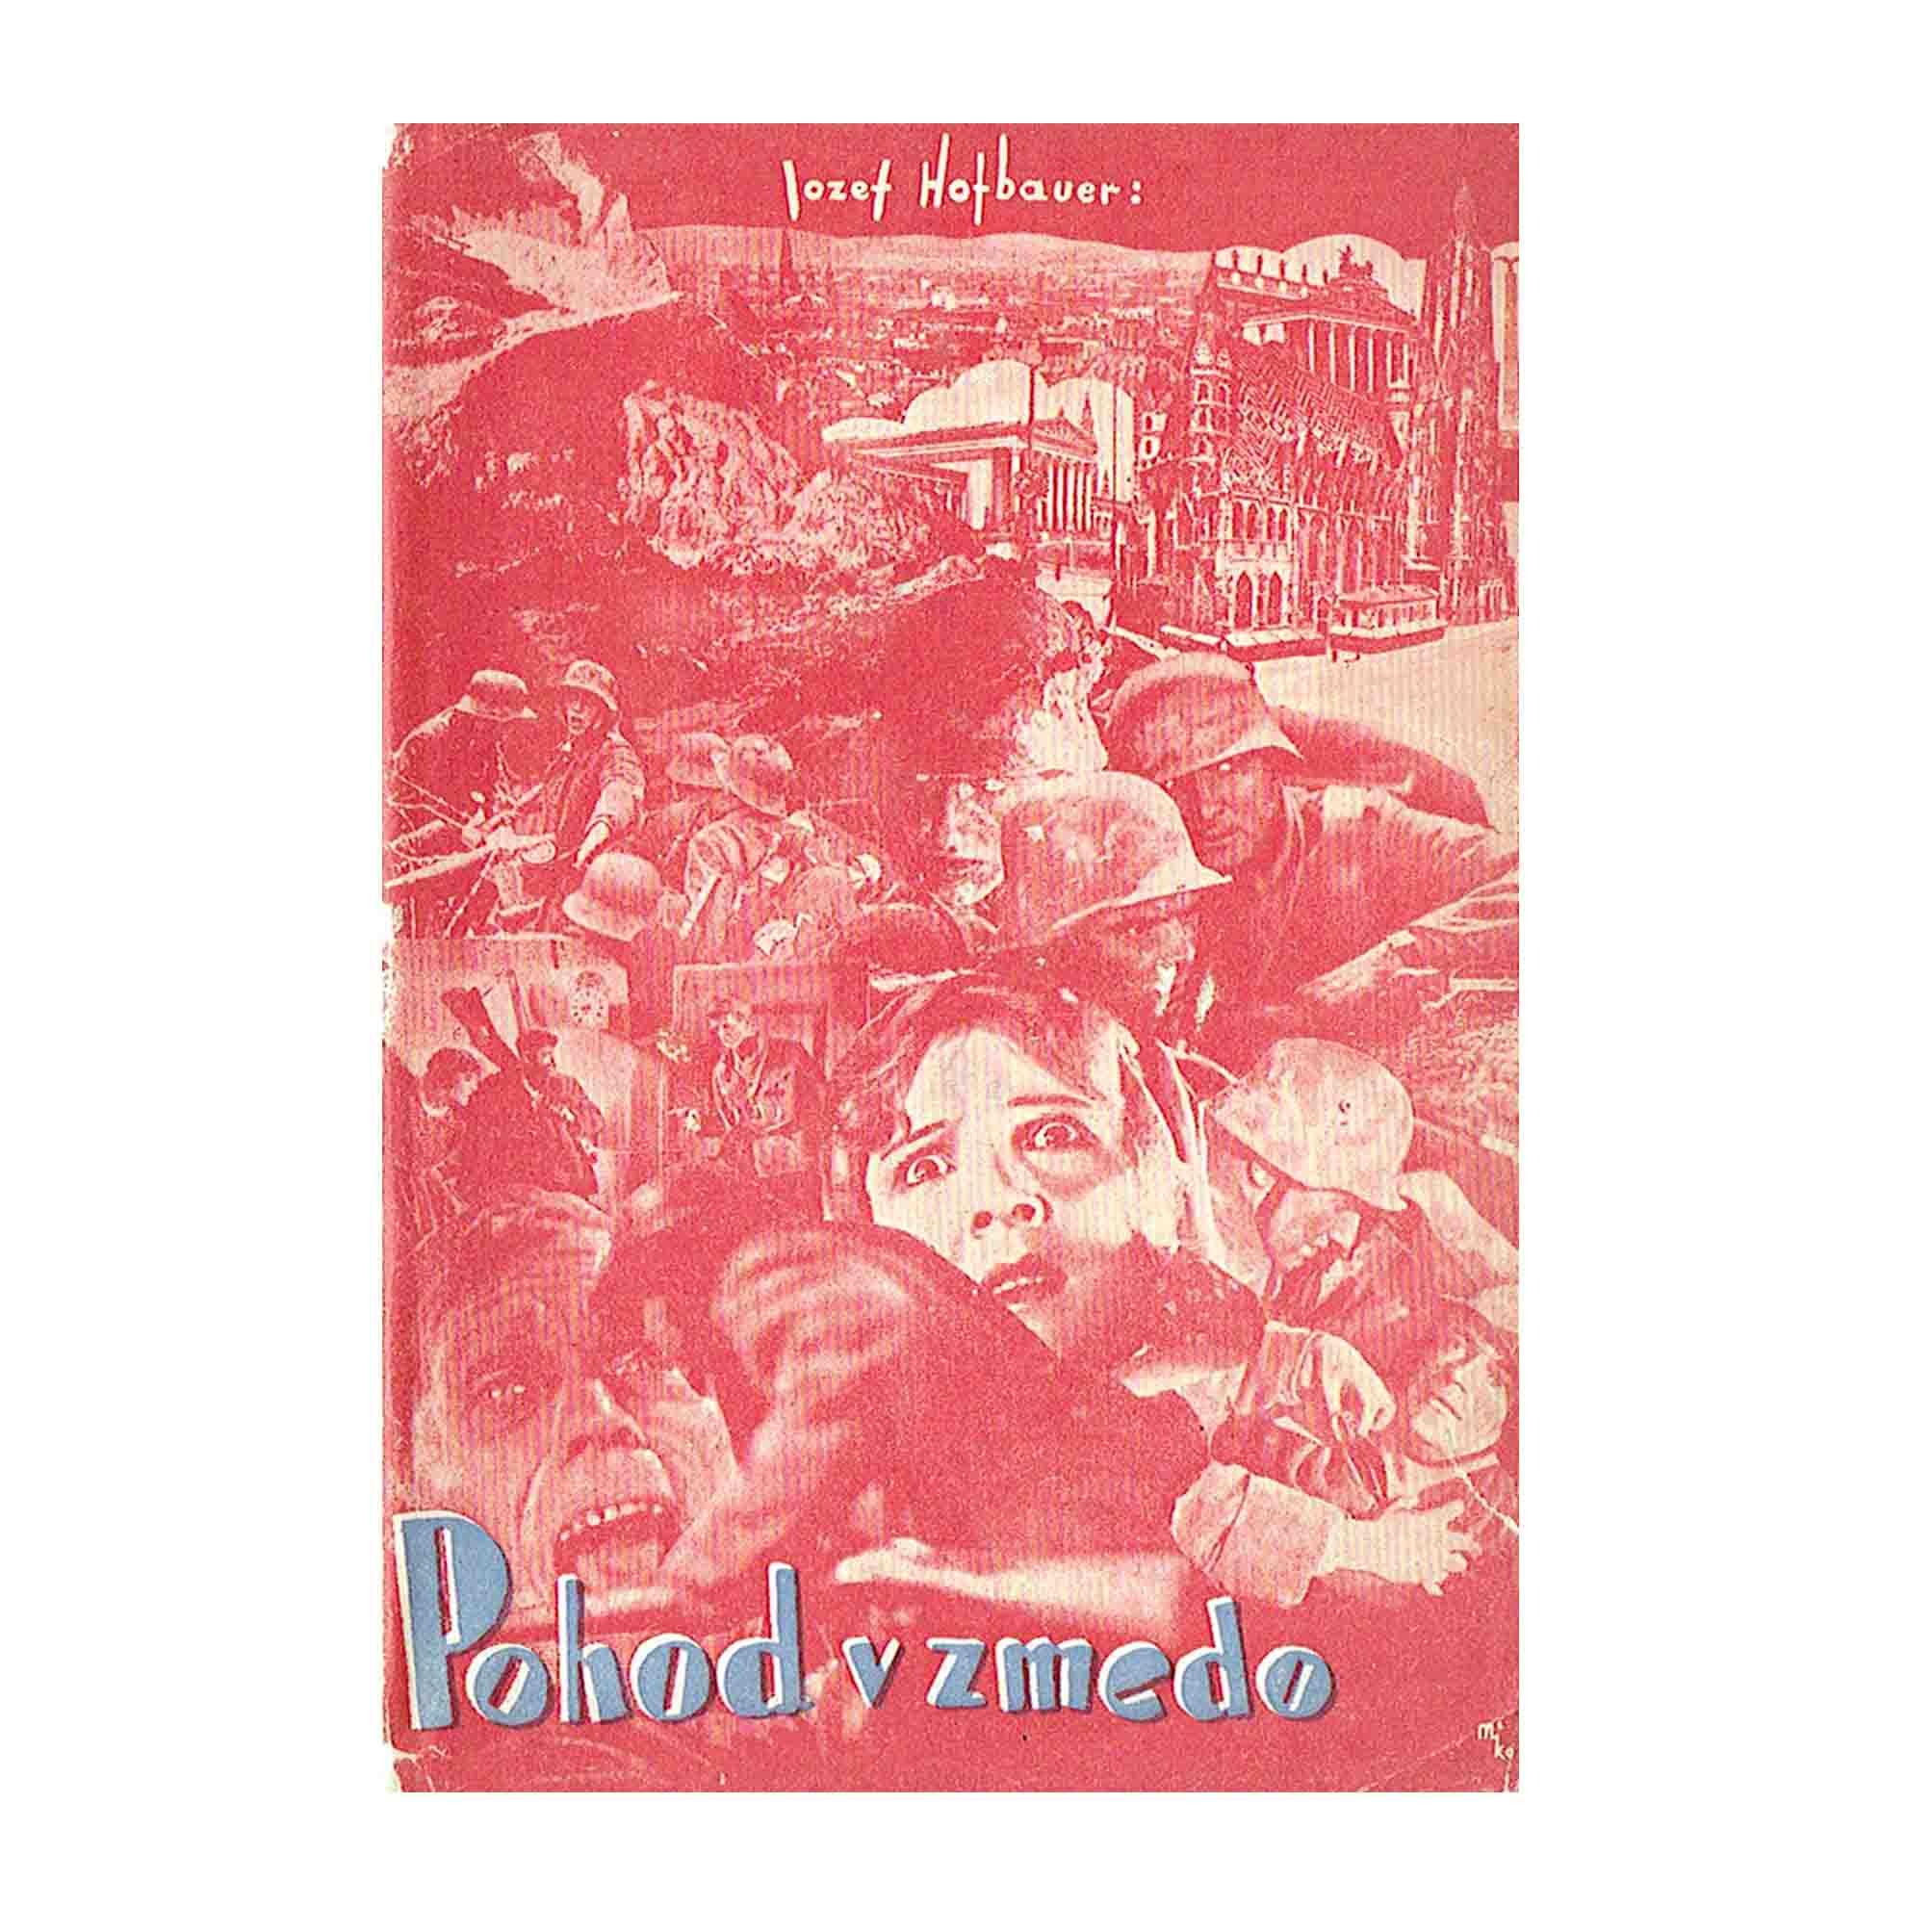 3017 Hofbauer Pohod Marsch Slowenisch Svigelj Mico 1935 Umschlag AA N